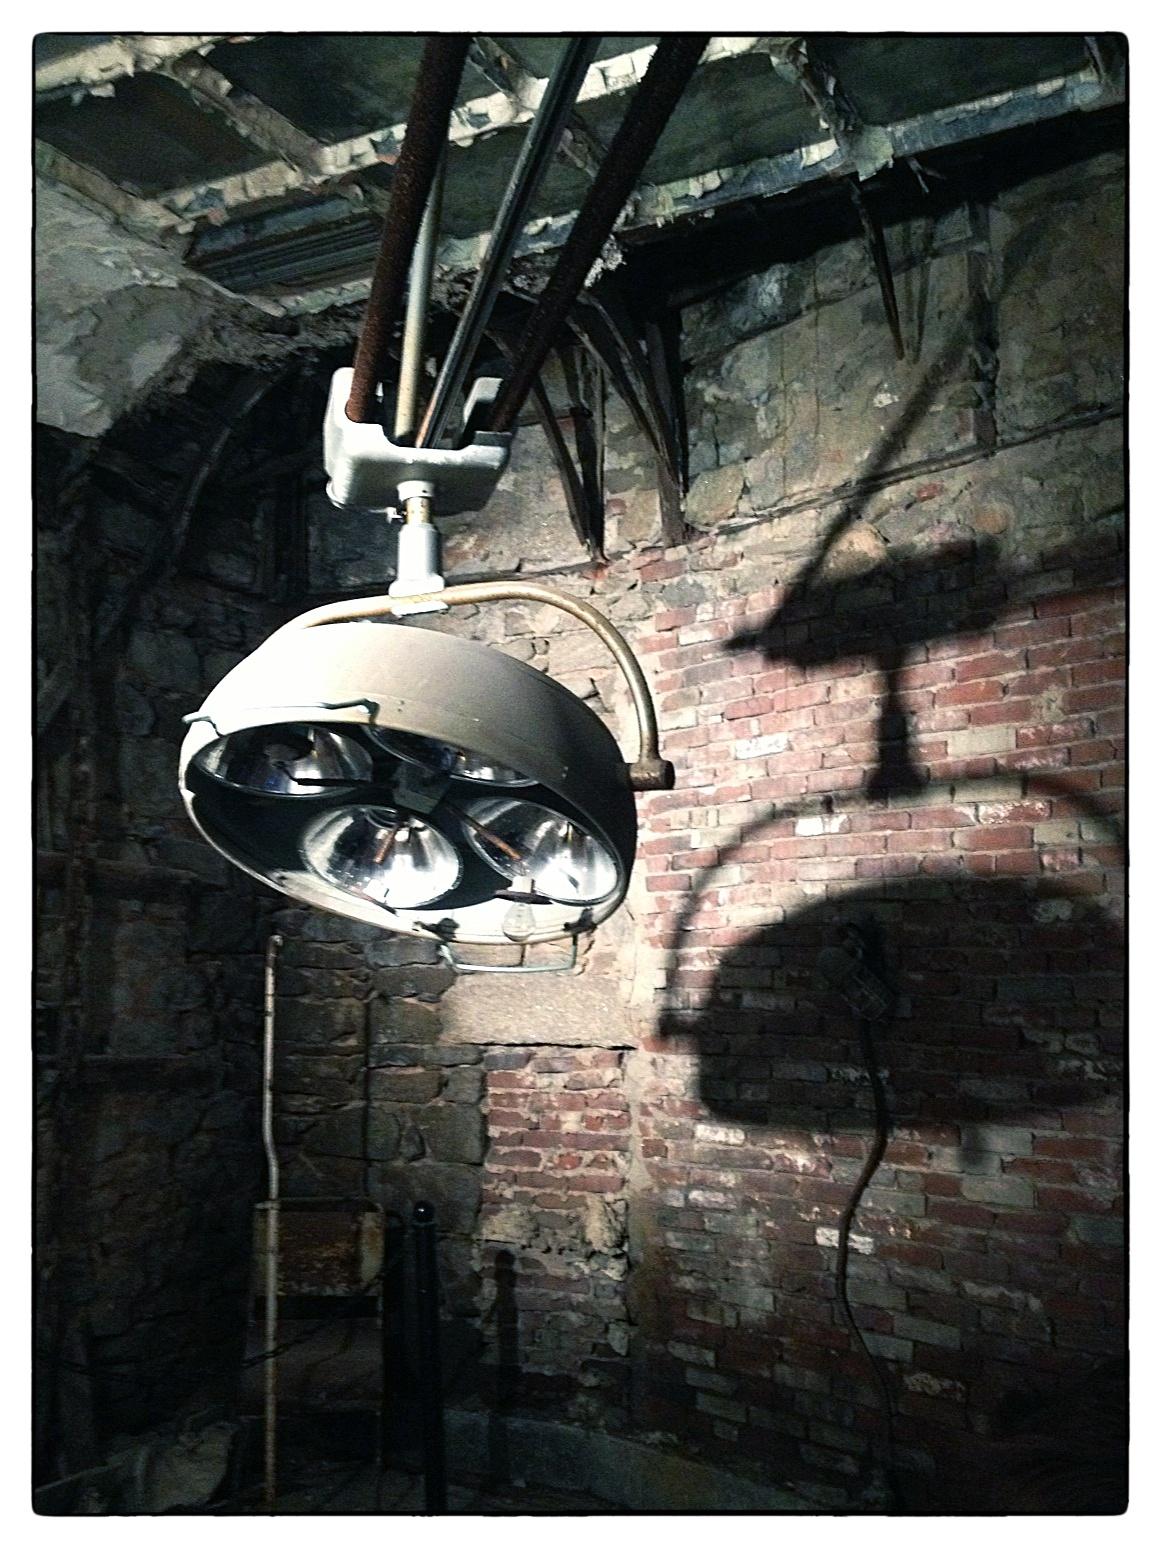 Operating Room at Eastern State Penitentiary in Philadelphia, shot September 4, 2013.